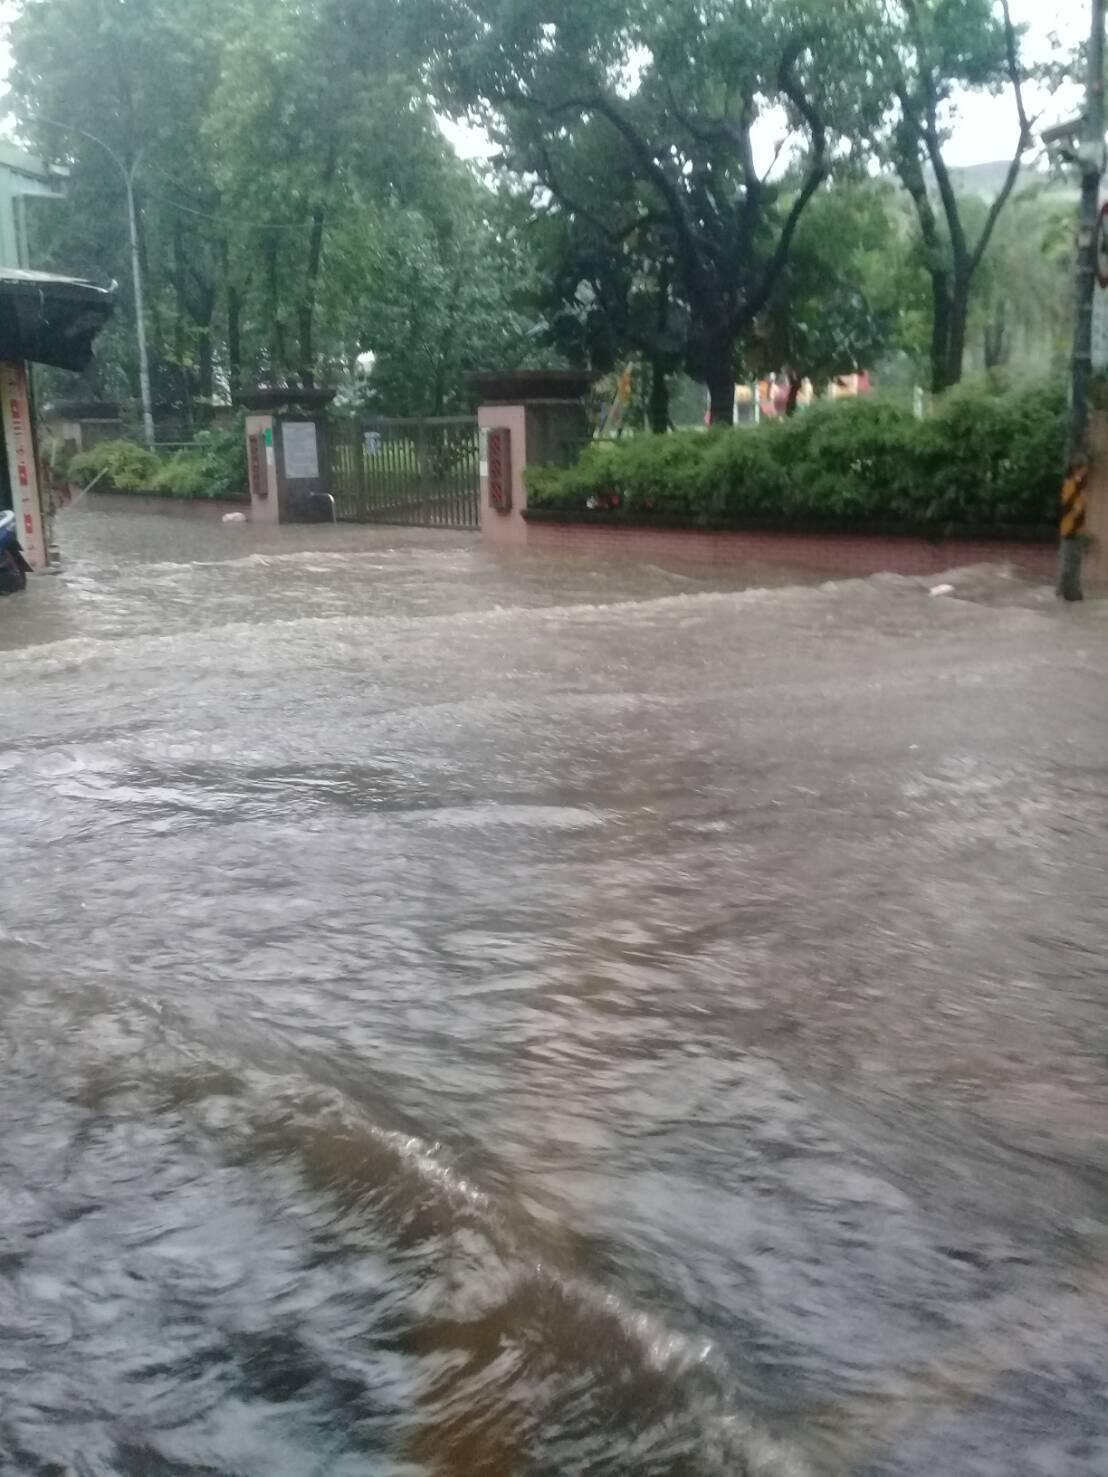 受到極端天候影響,新北市積極進行透保水工程,並持續在易淹水地區的校園進行工程,圖為2015年7月23日三重高中還未施工前淹水的情況。